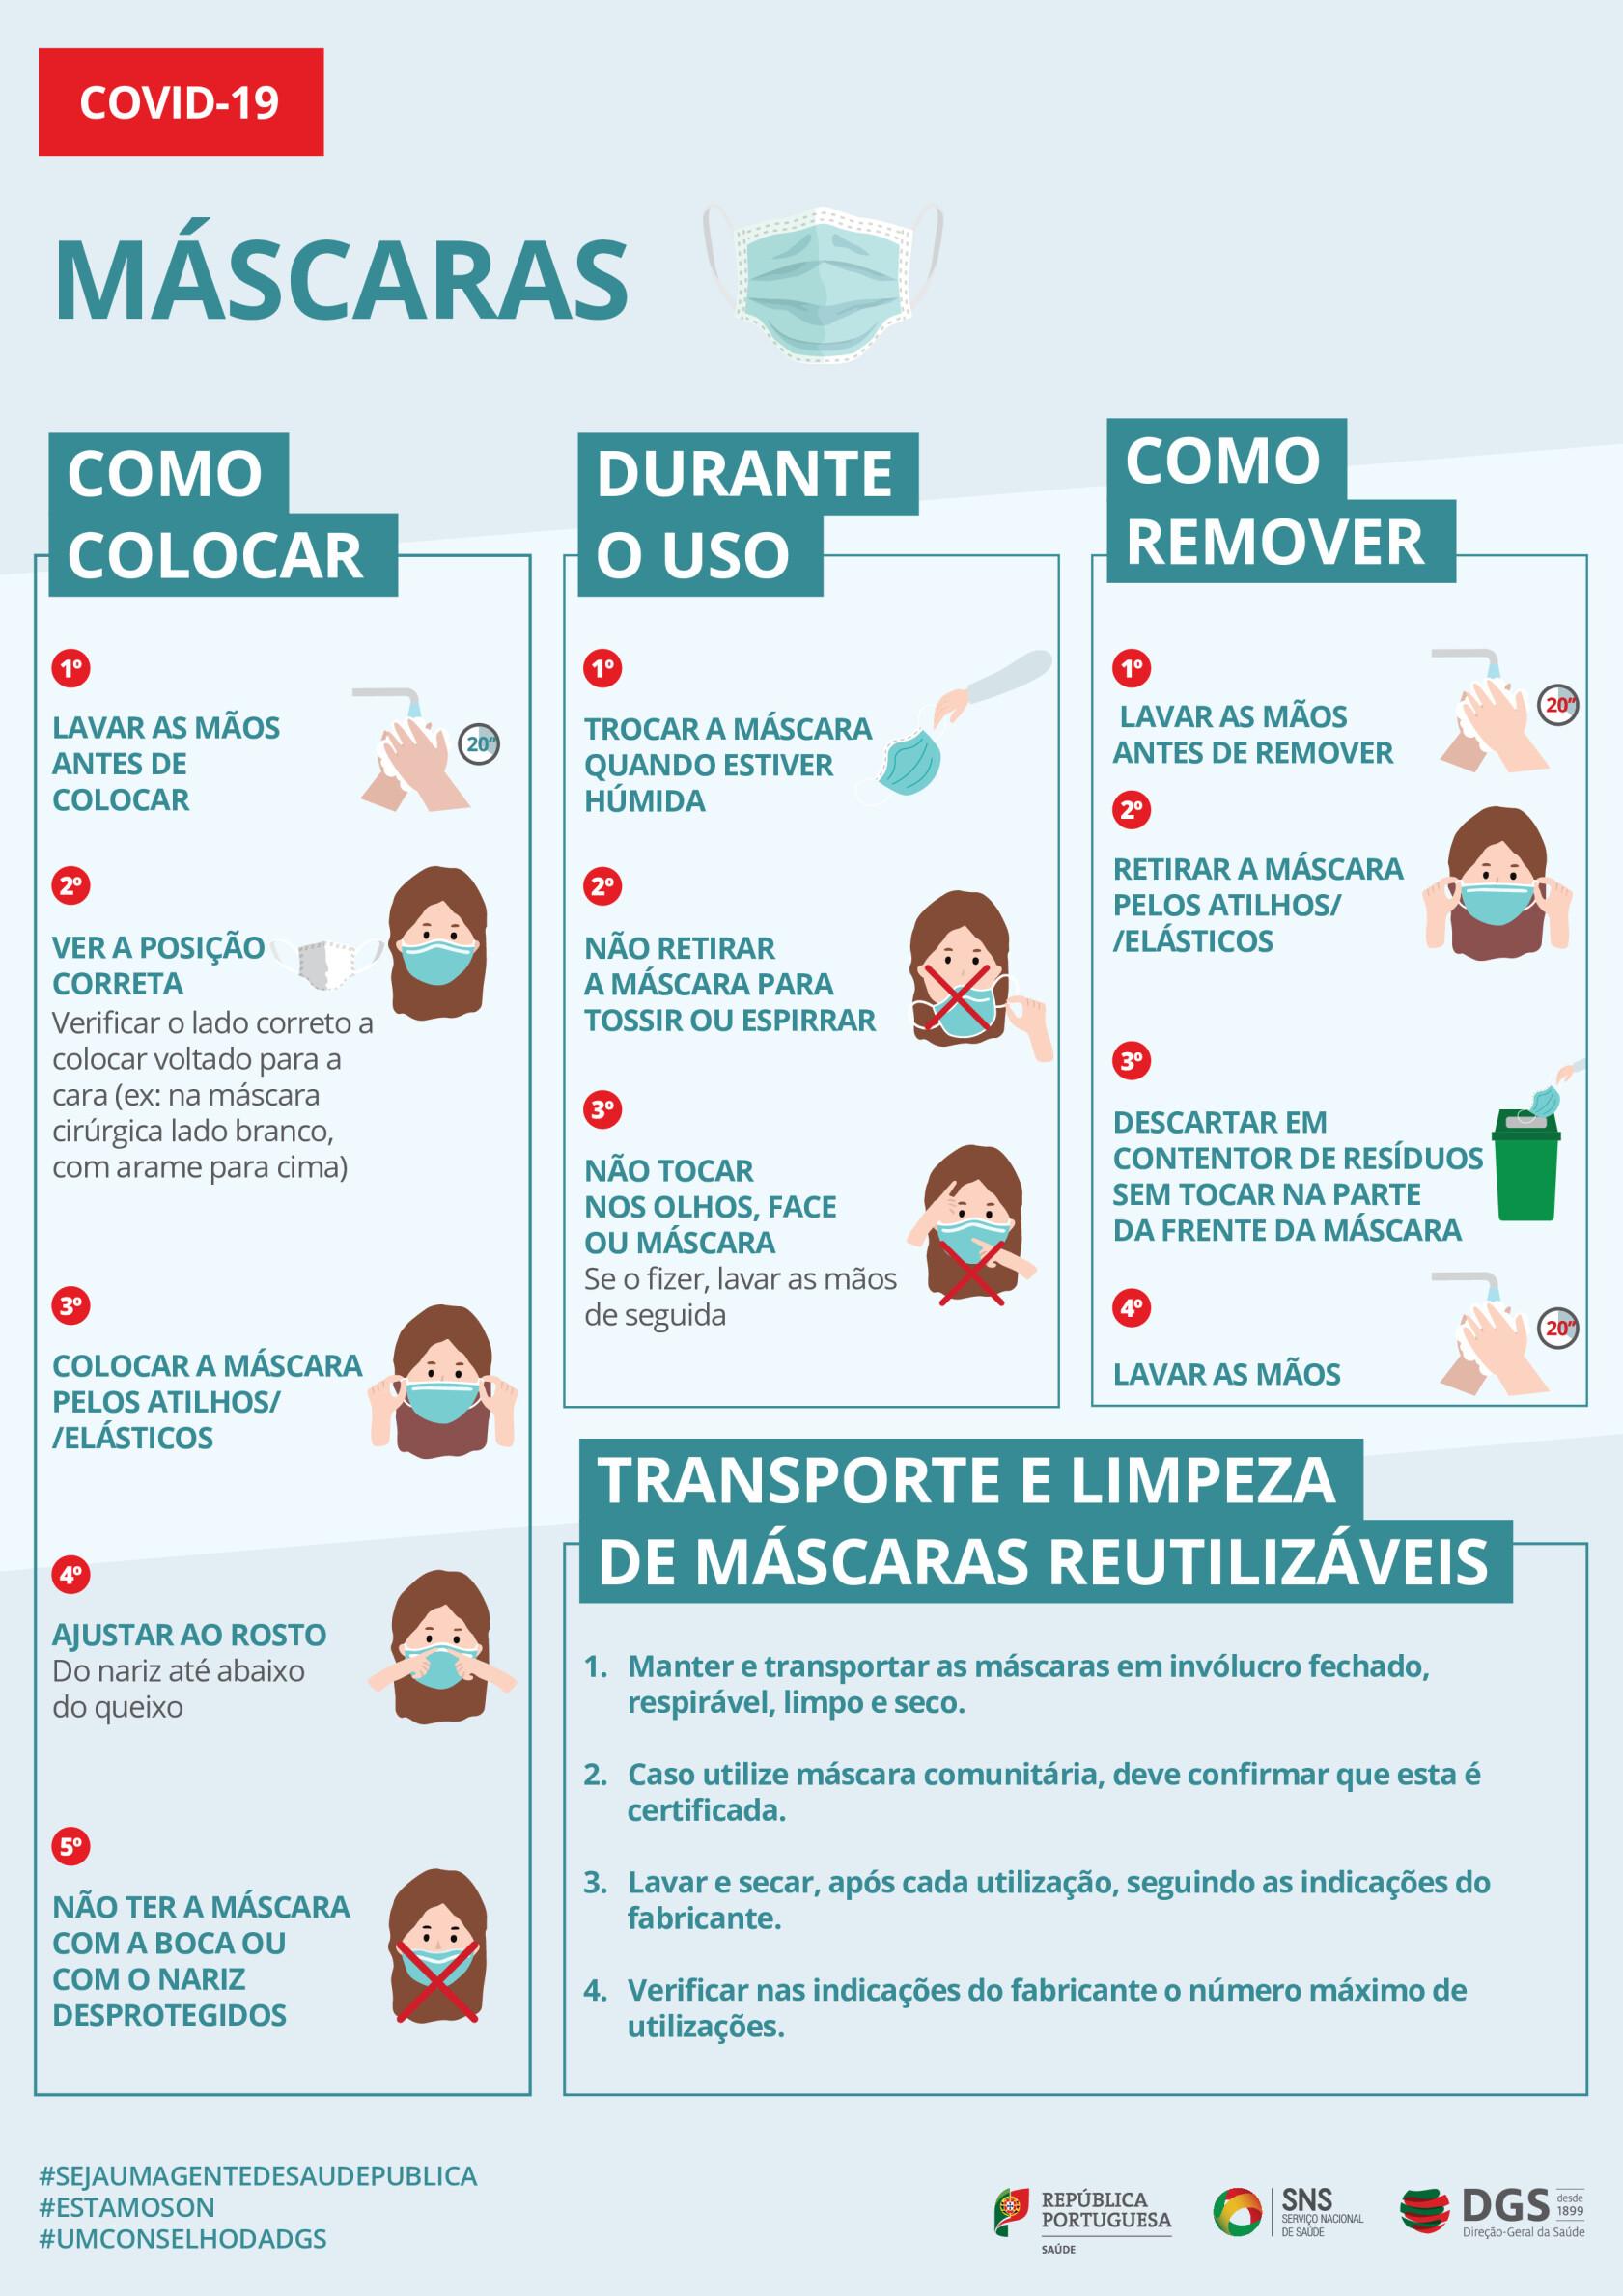 DGS_UsoCorretoDasMascaras